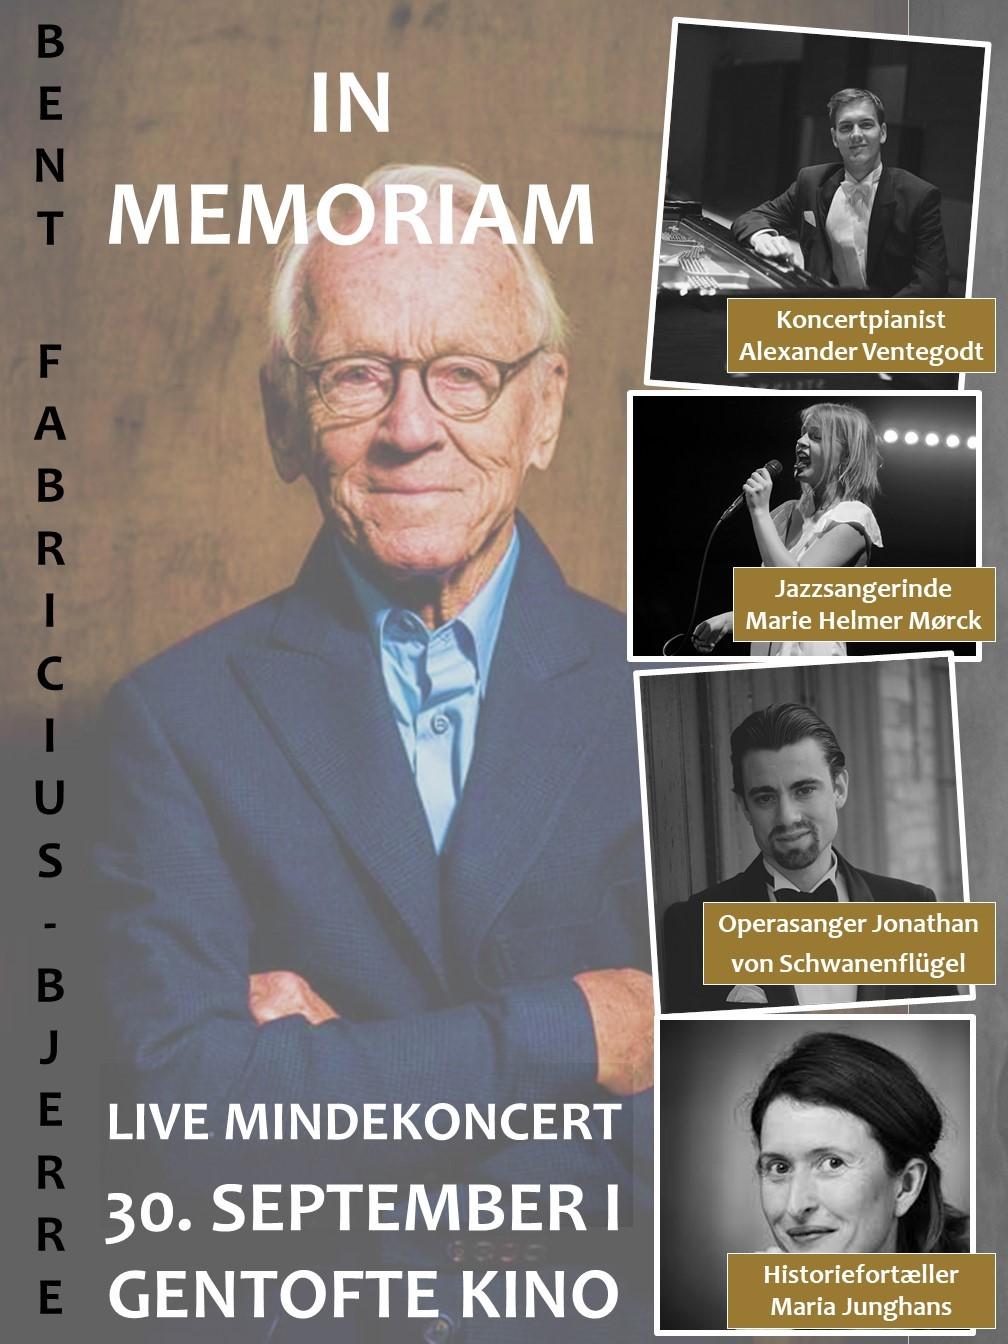 Live mindekoncert - Til ære for Bent Fabricius-Bjerre